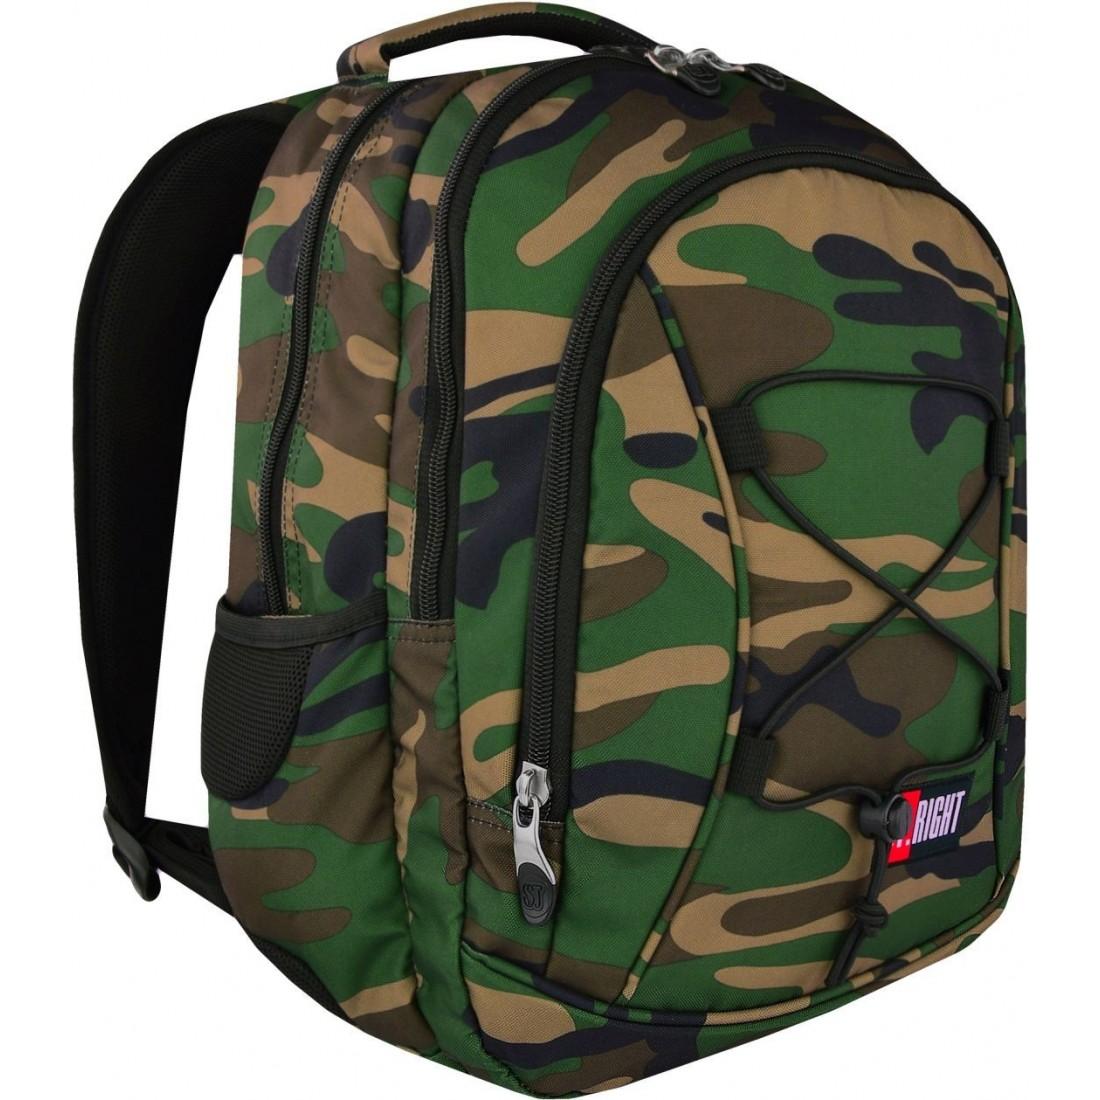 nowe niższe ceny oficjalna strona nowy haj Plecak szkolny ST.RIGHT MORO ze sznurkiem camo - BP32